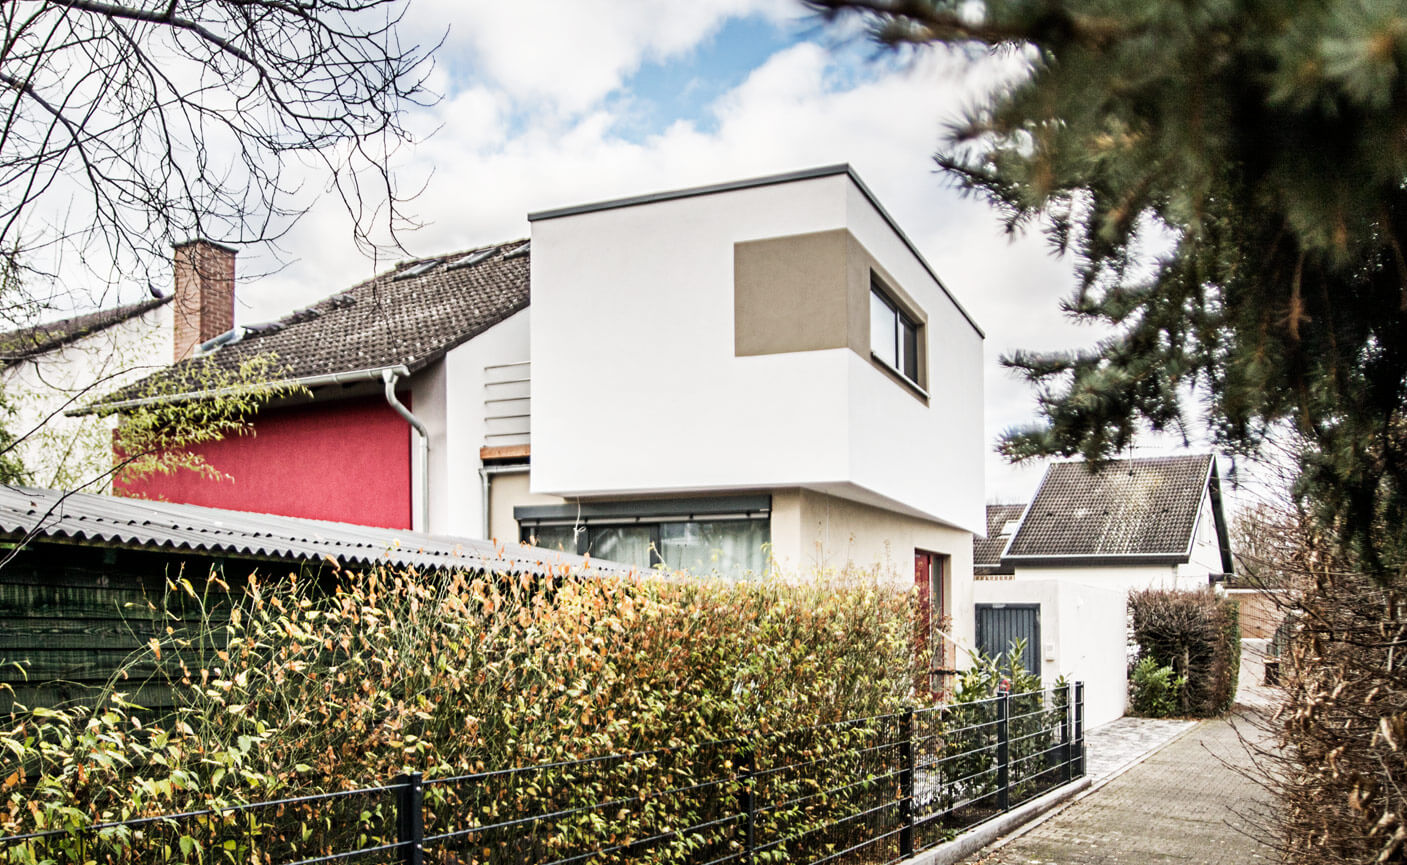 Essenpreis-Holzbau-Erweiterung-zwei-Familienwohnhaus-07